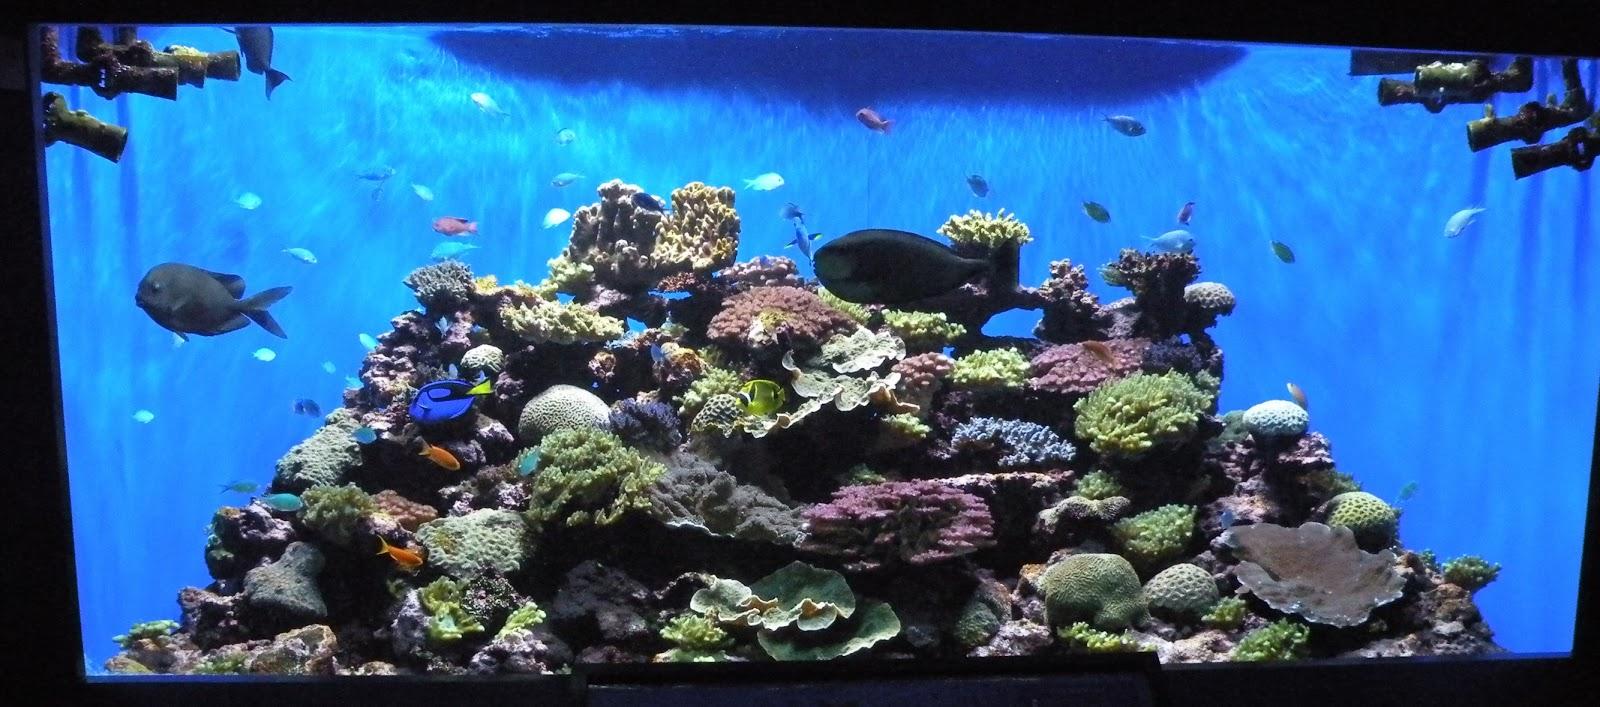 Pilgrimage 2013 Birch Aquarium Part 2 Inside